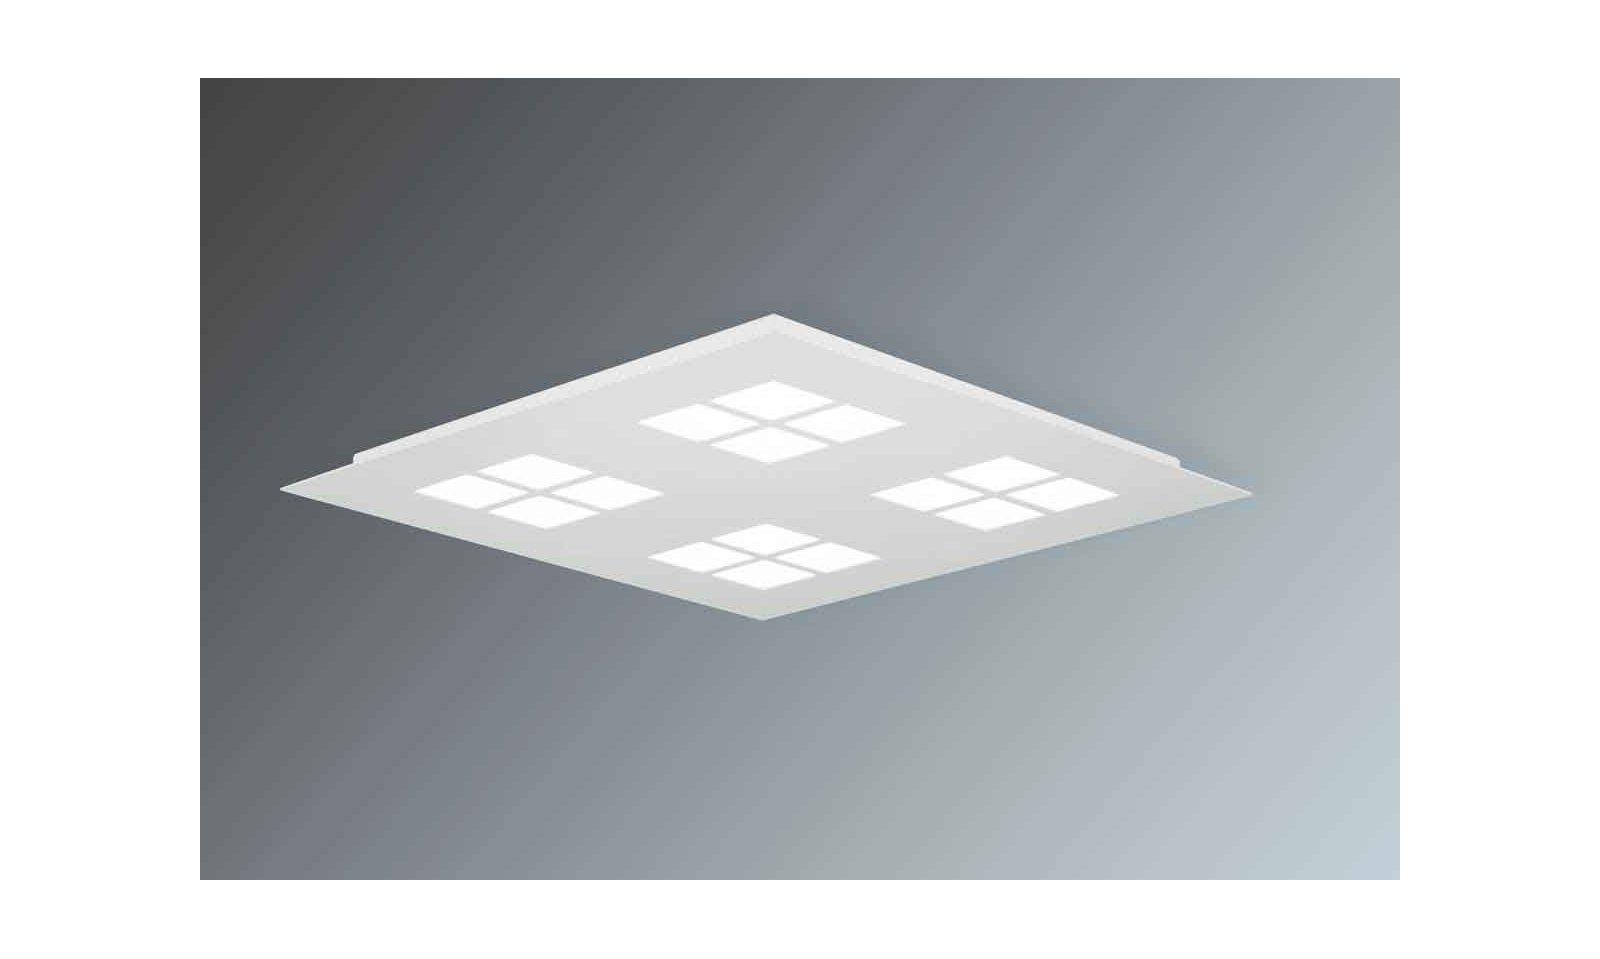 Plafoniera Led Quadrata : Lam delta quadrata led in alluminio e pmma bianco